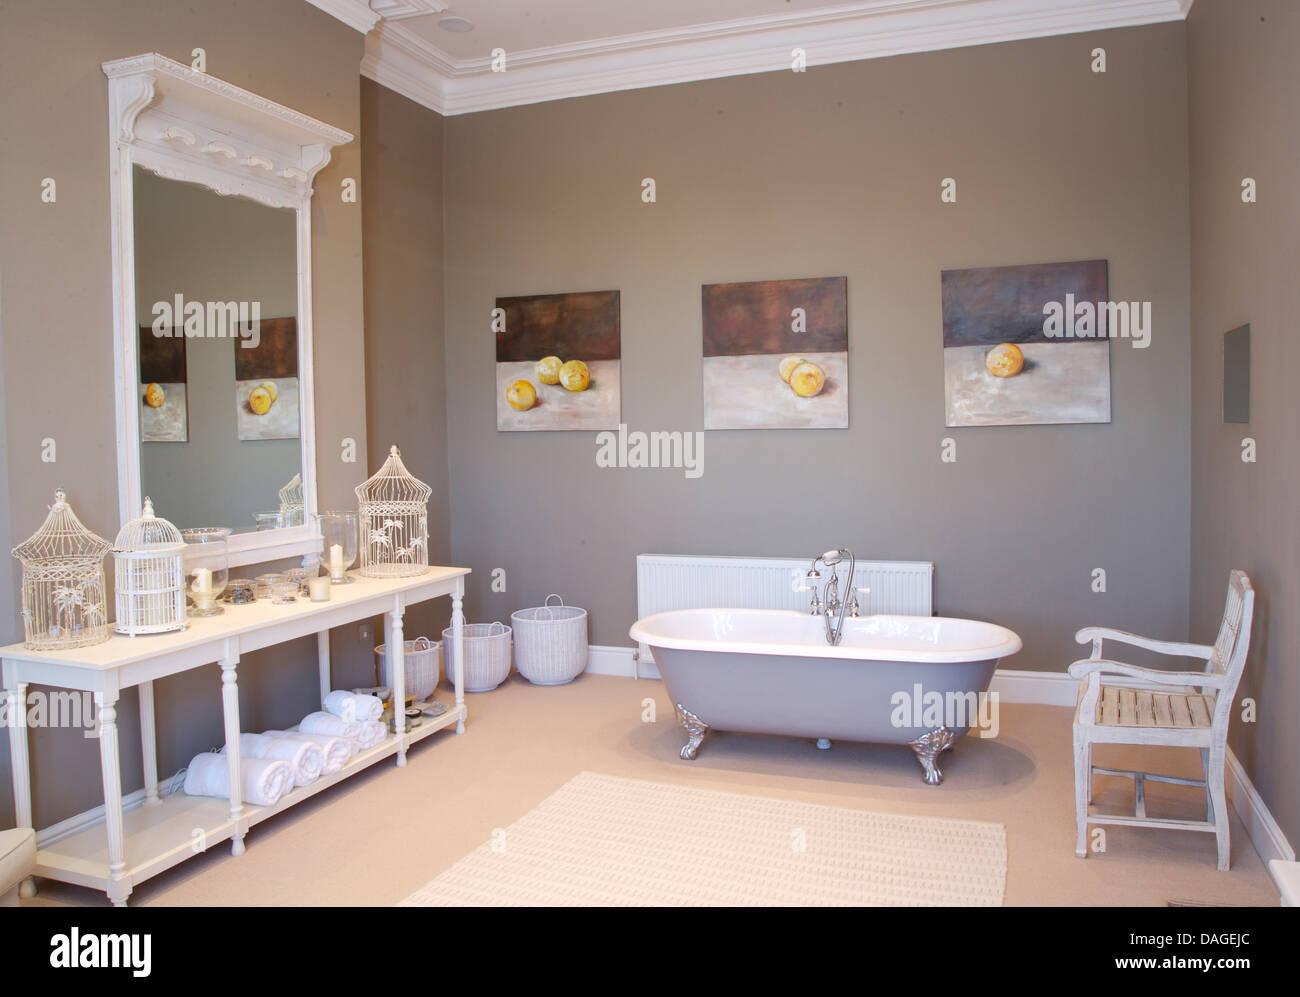 Freistehende Roll Top Bad Unter Gruppe Obst Gemälde Im Grauen Badezimmer  Mit Großen Bemalten Spiegel Oben Lackiert Konsolentisch